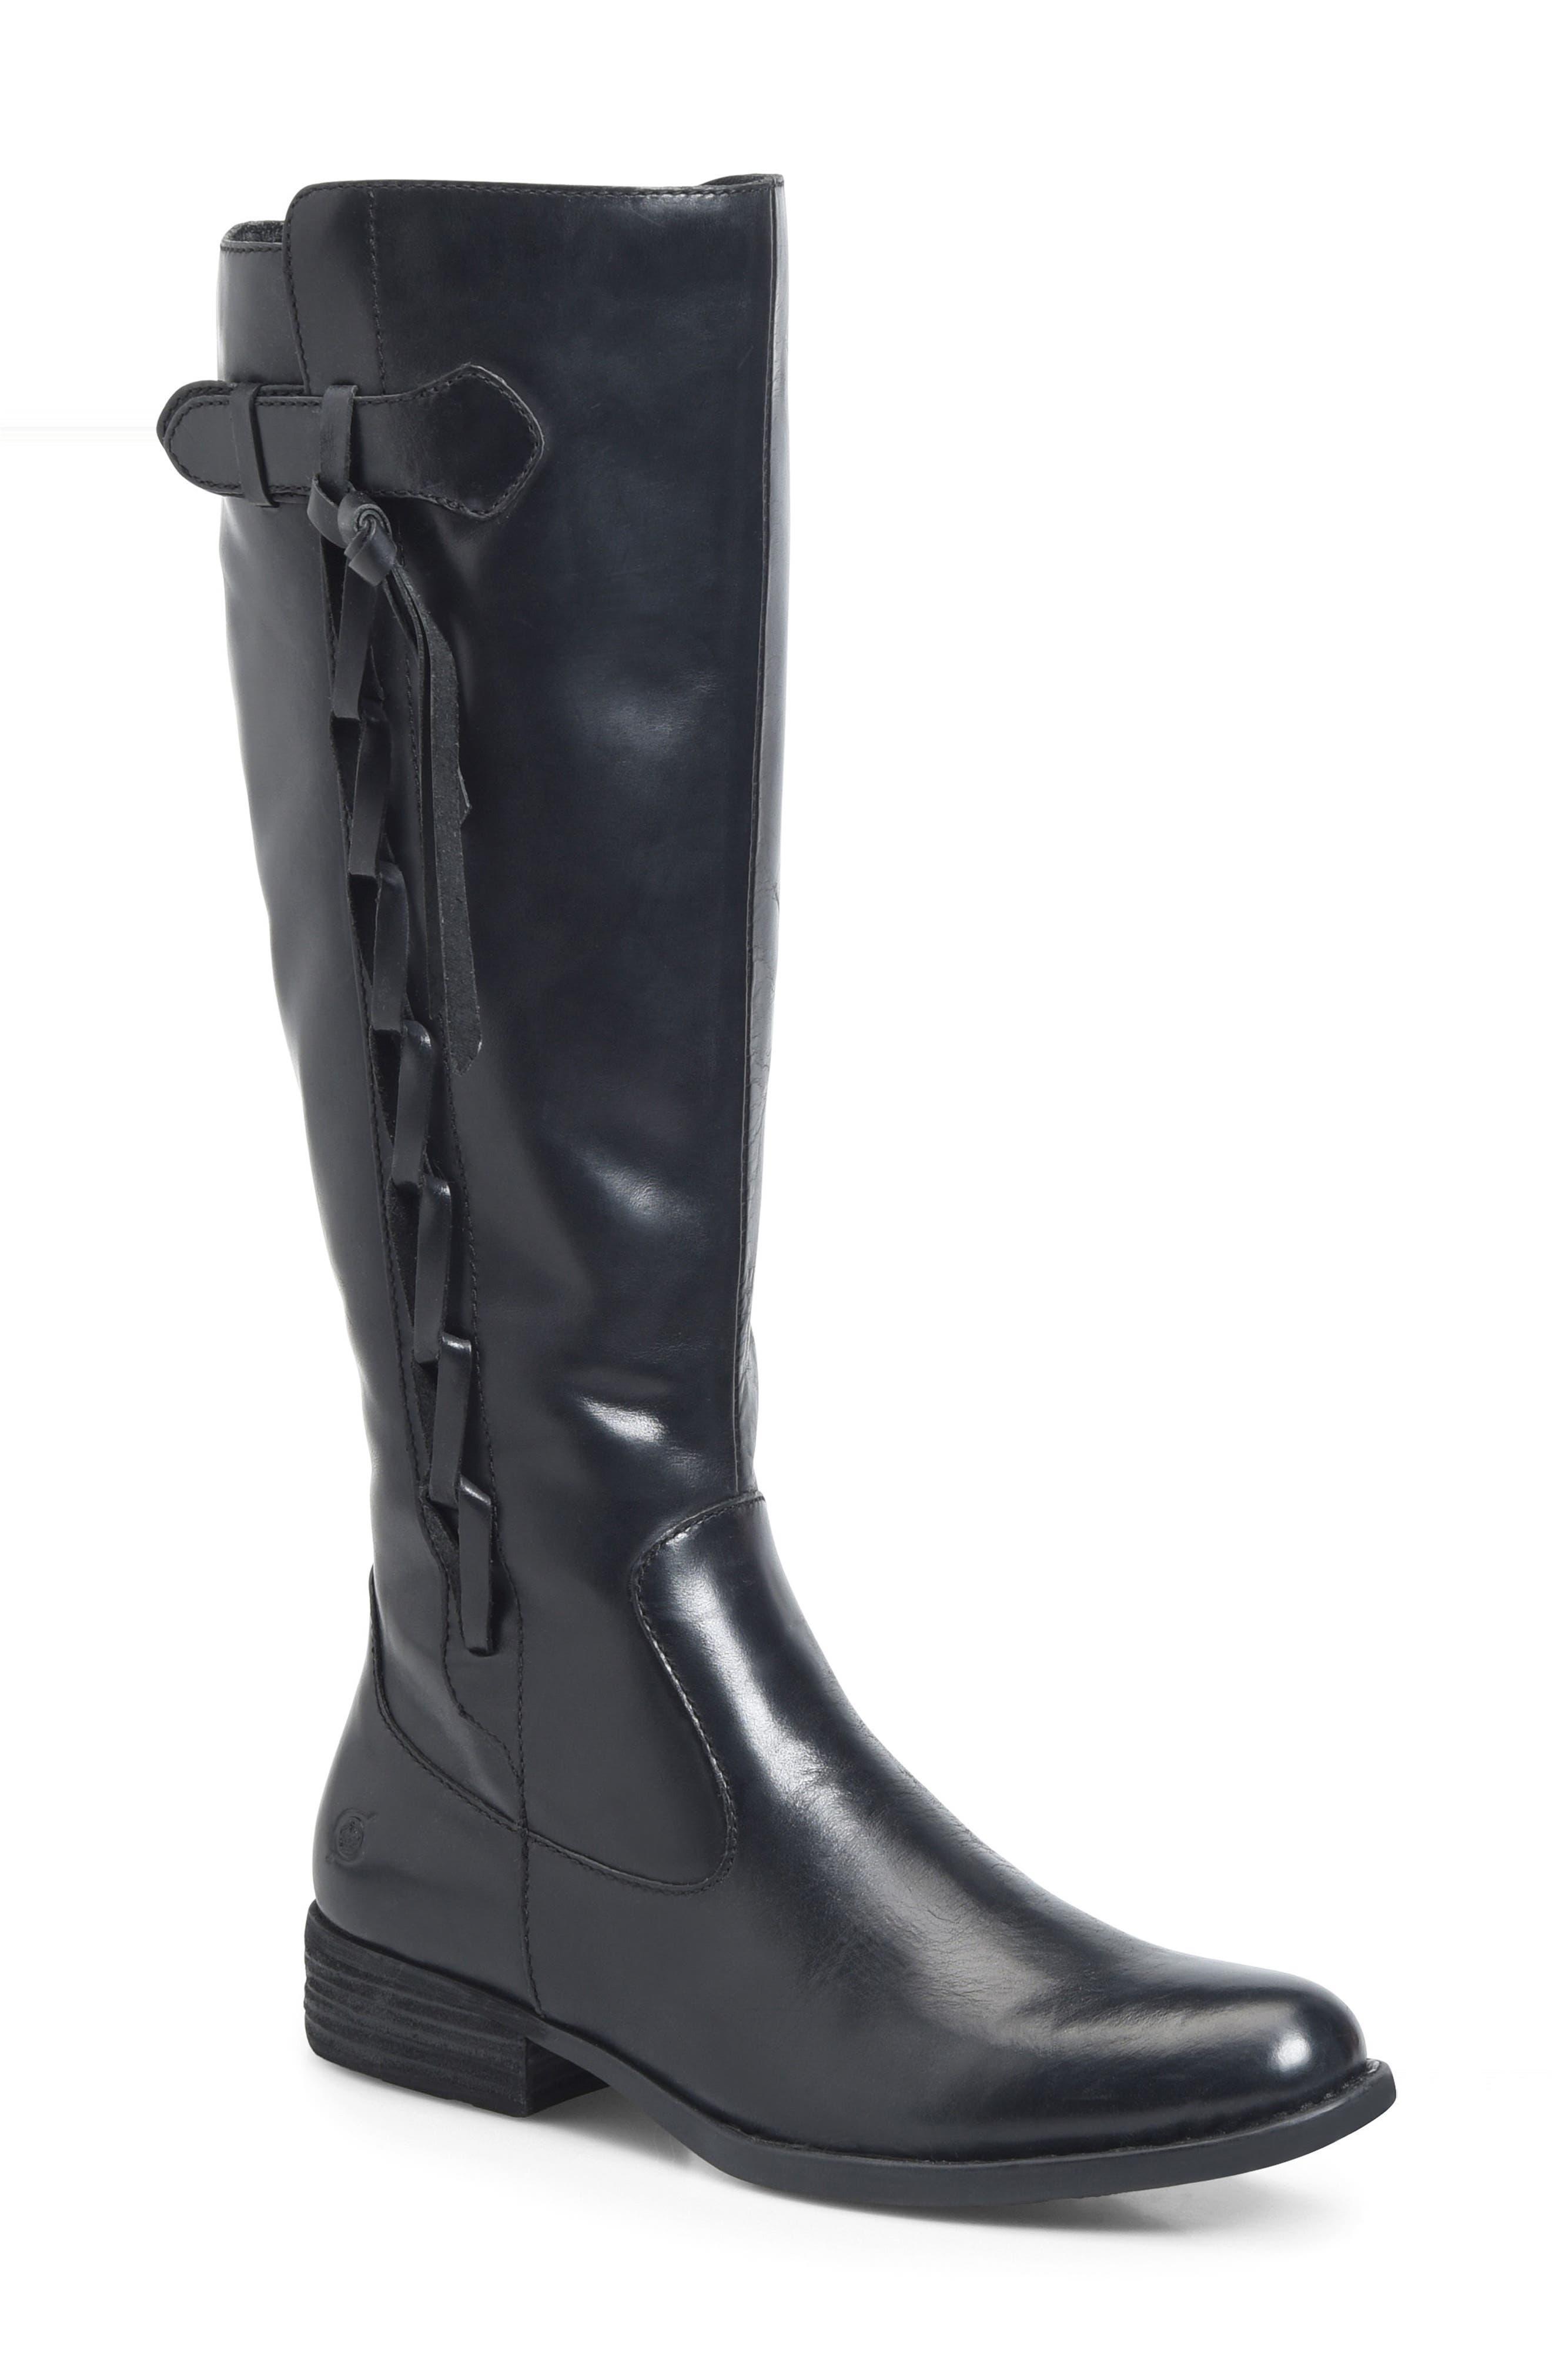 Main Image - Børn Cook Knee High Boot (Women)